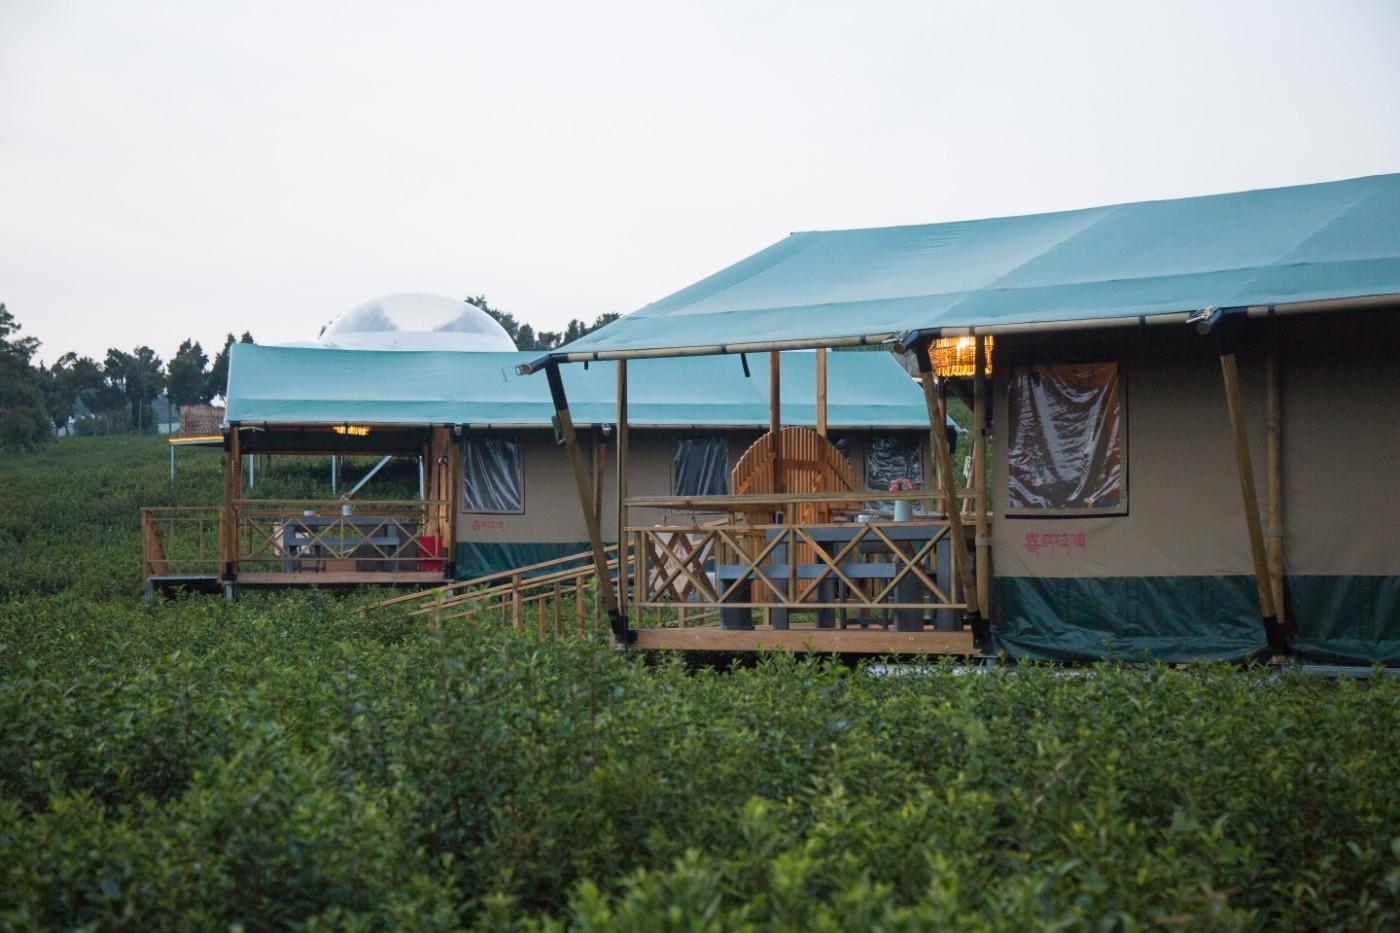 喜马拉雅野奢帐篷酒店—宝盛园夜色8